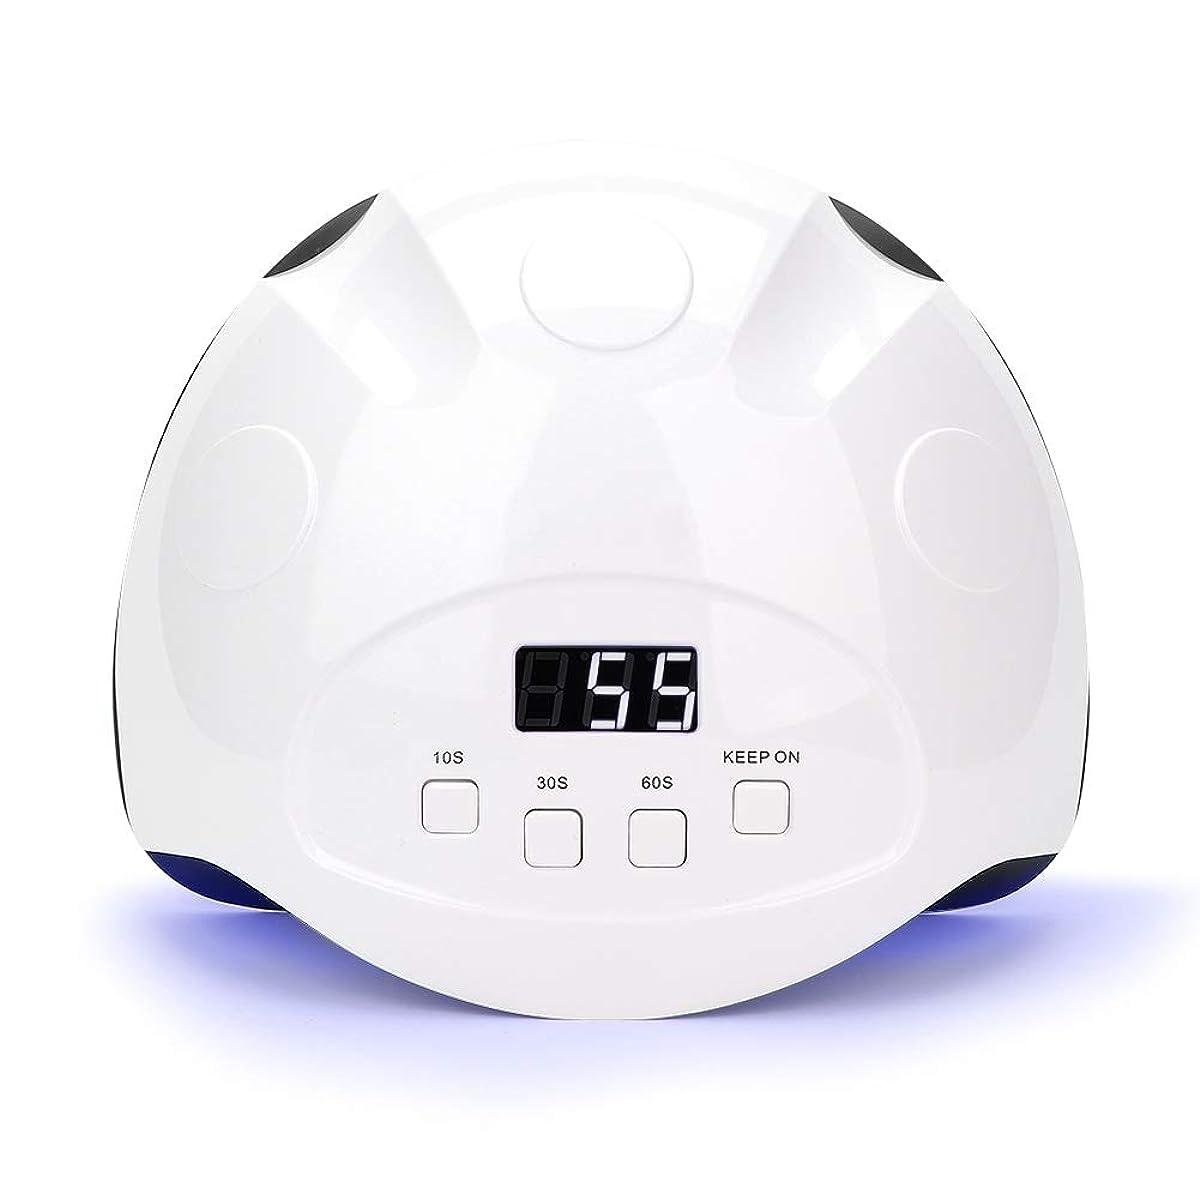 かんたん調整可能後退する90W ネイルドライヤー 42個光 自動センサー 4個のタイマー デュアル光源 UV LED ネイルランプ(ホワイト)